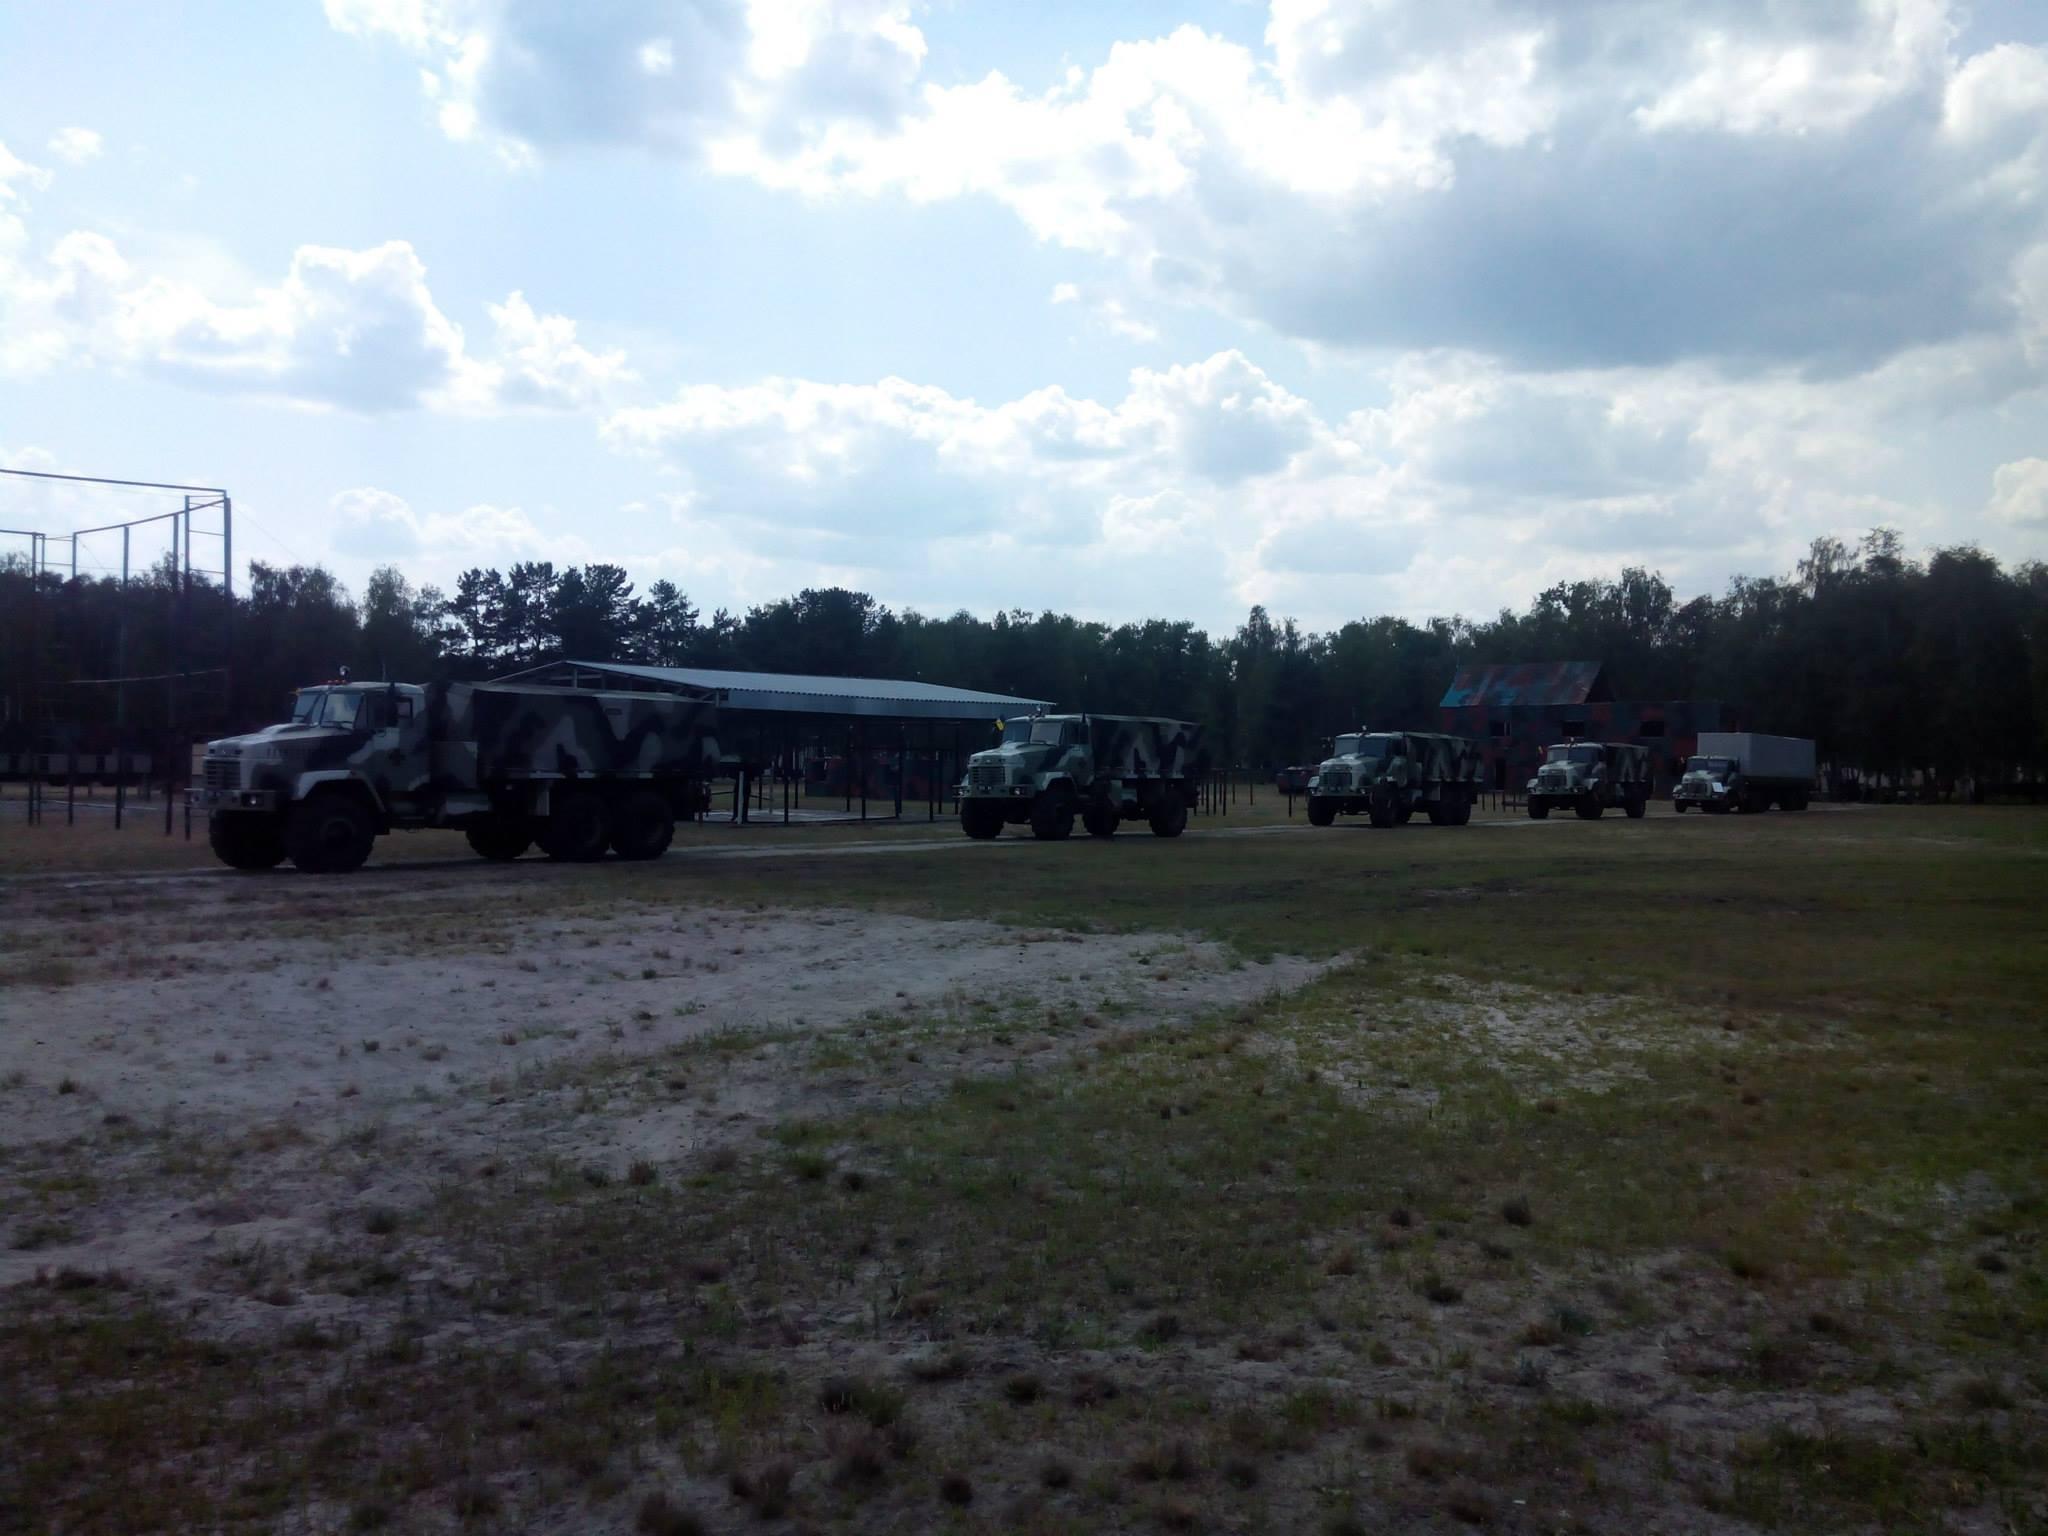 Военные грузовики КрАЗ с бронированным салоном экипажа.